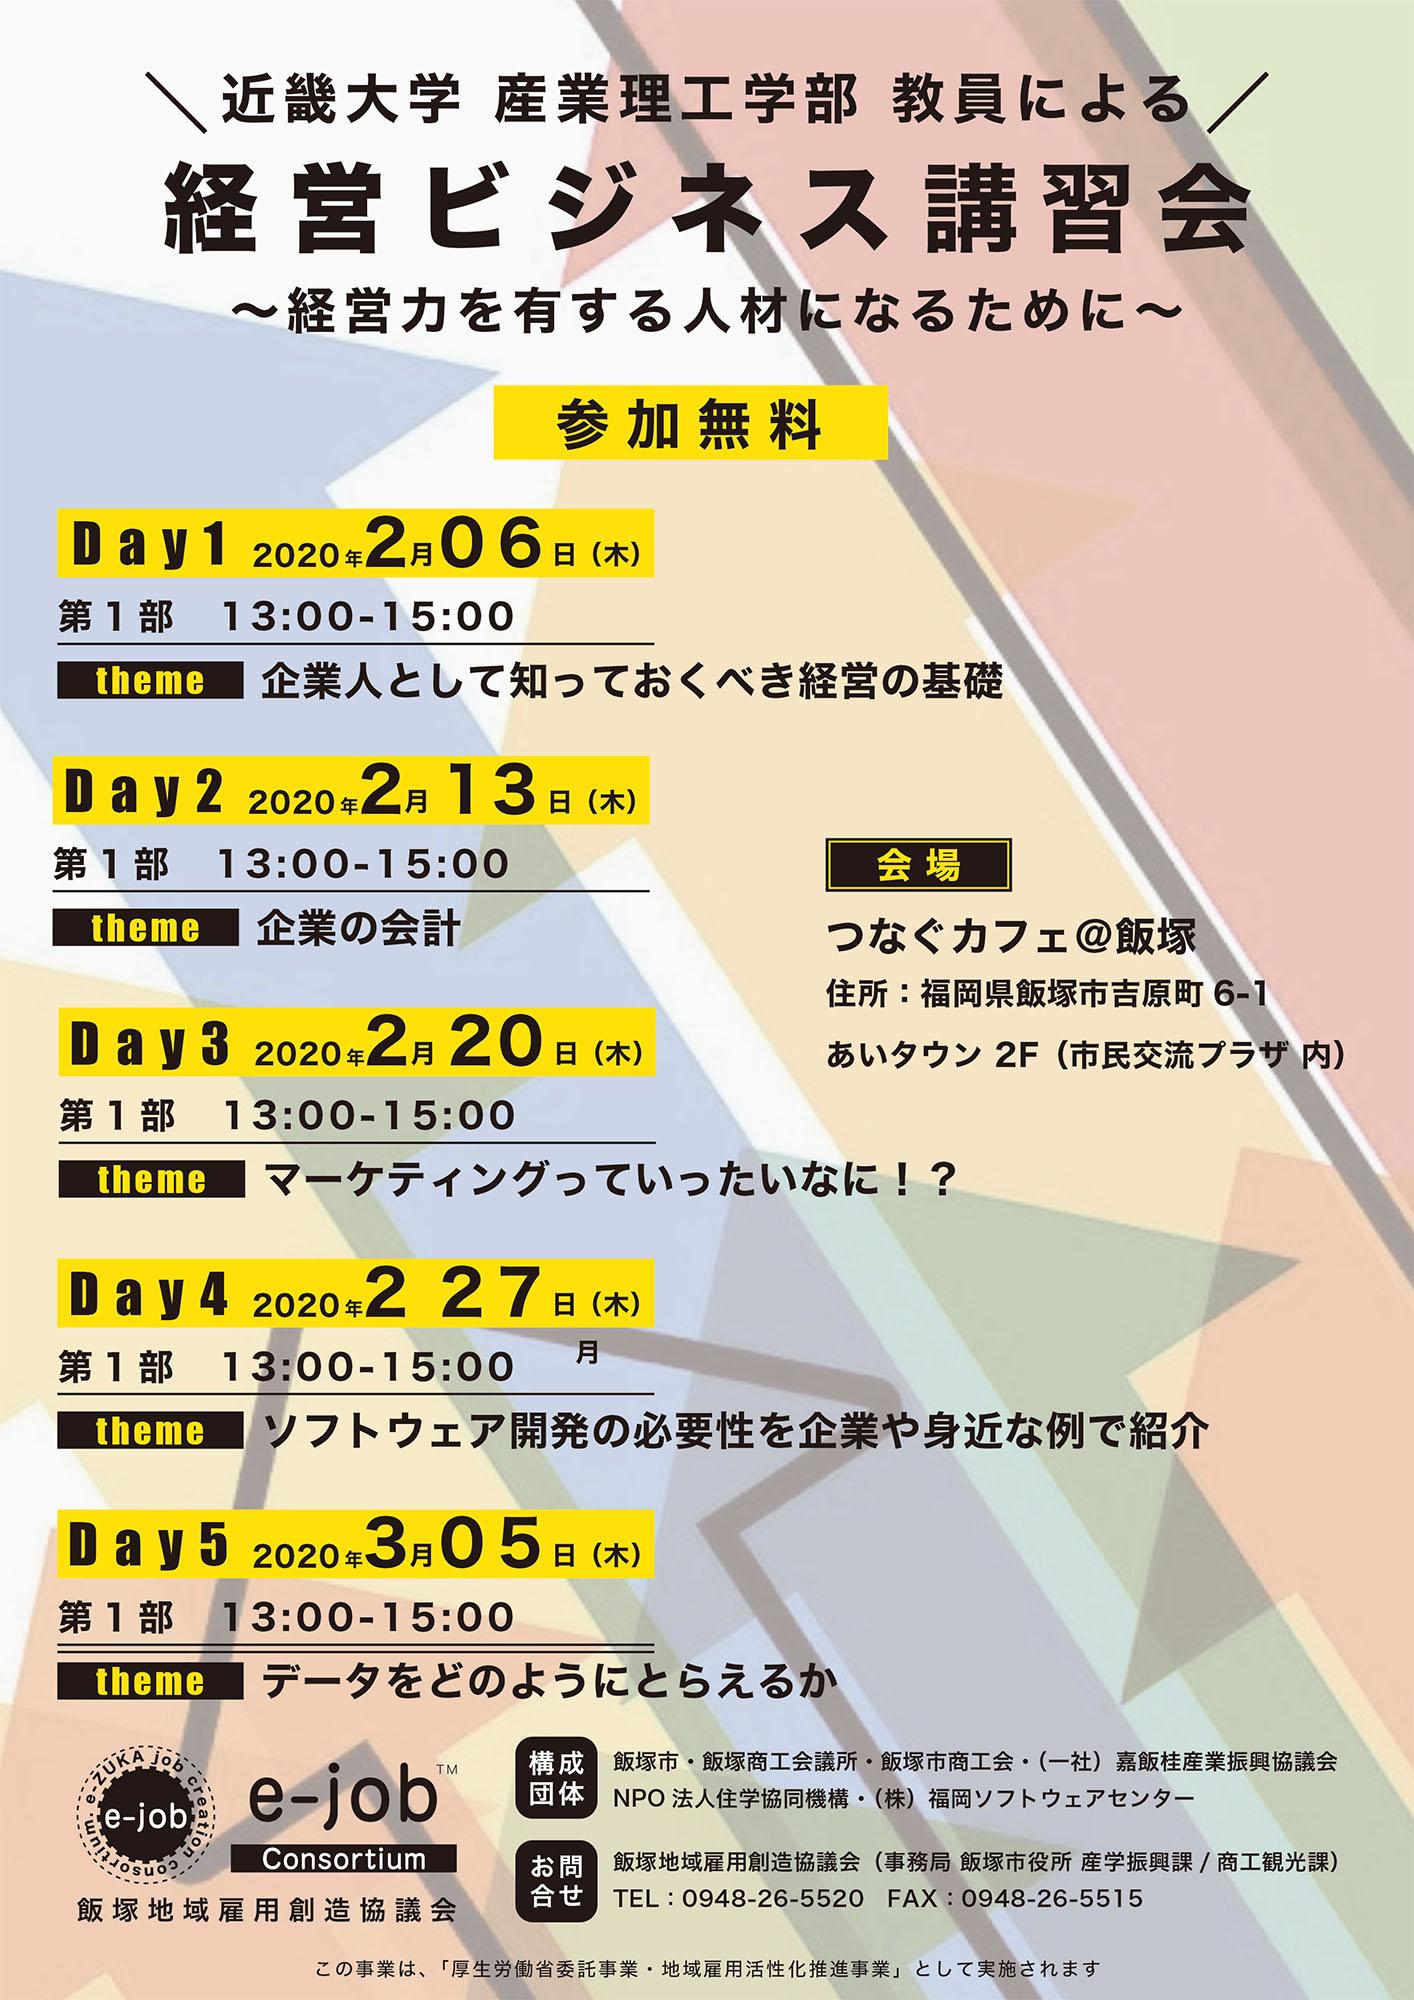 近畿大学産業理工学部教員による経営ビジネス講習会